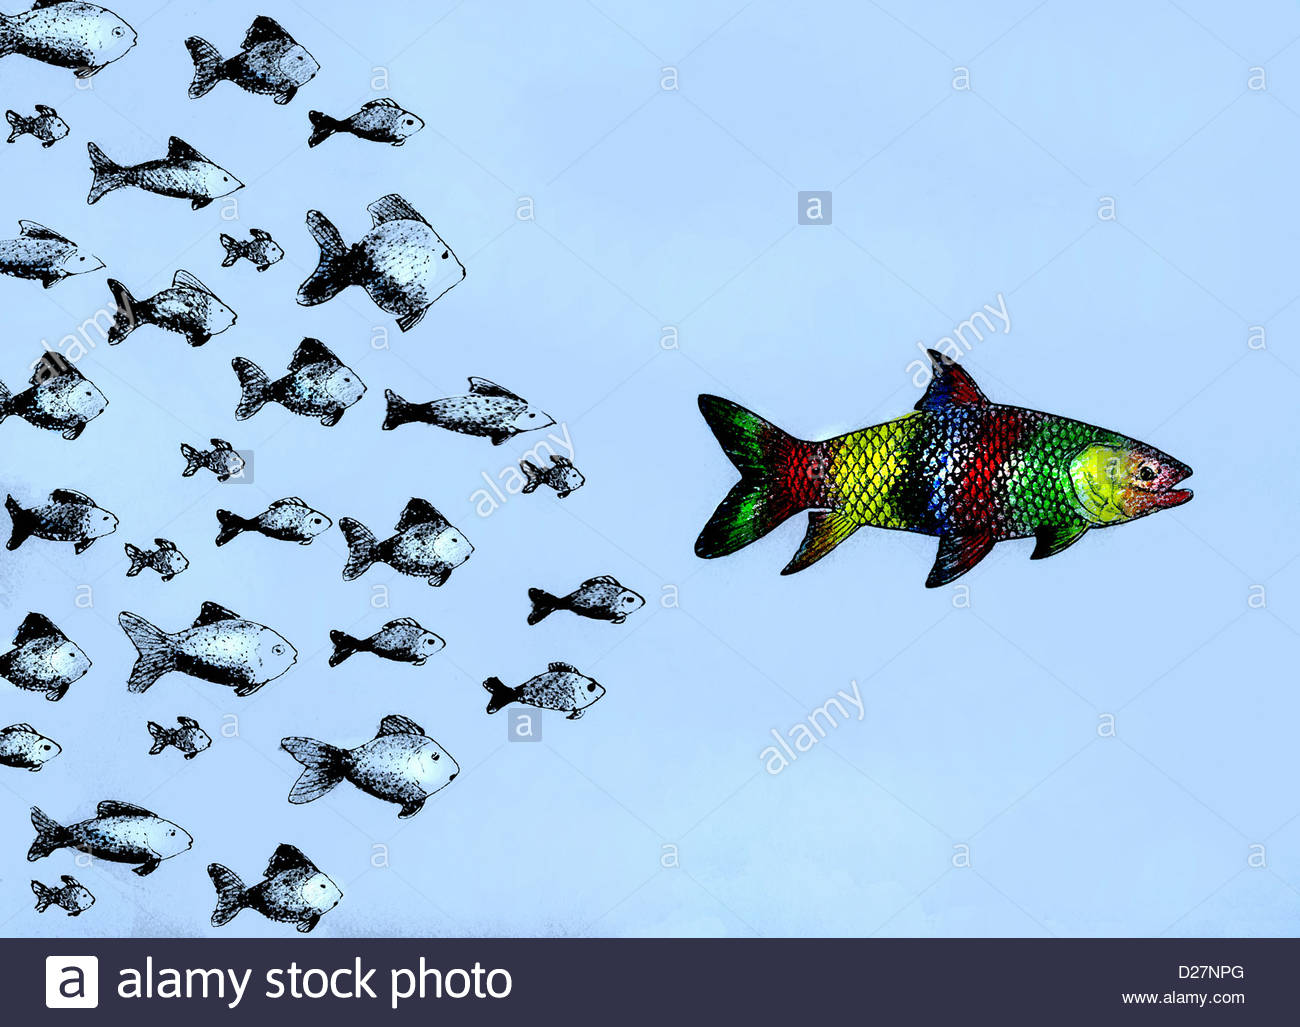 Piccoli pesci seguenti grandi pesci multicolori Immagini Stock